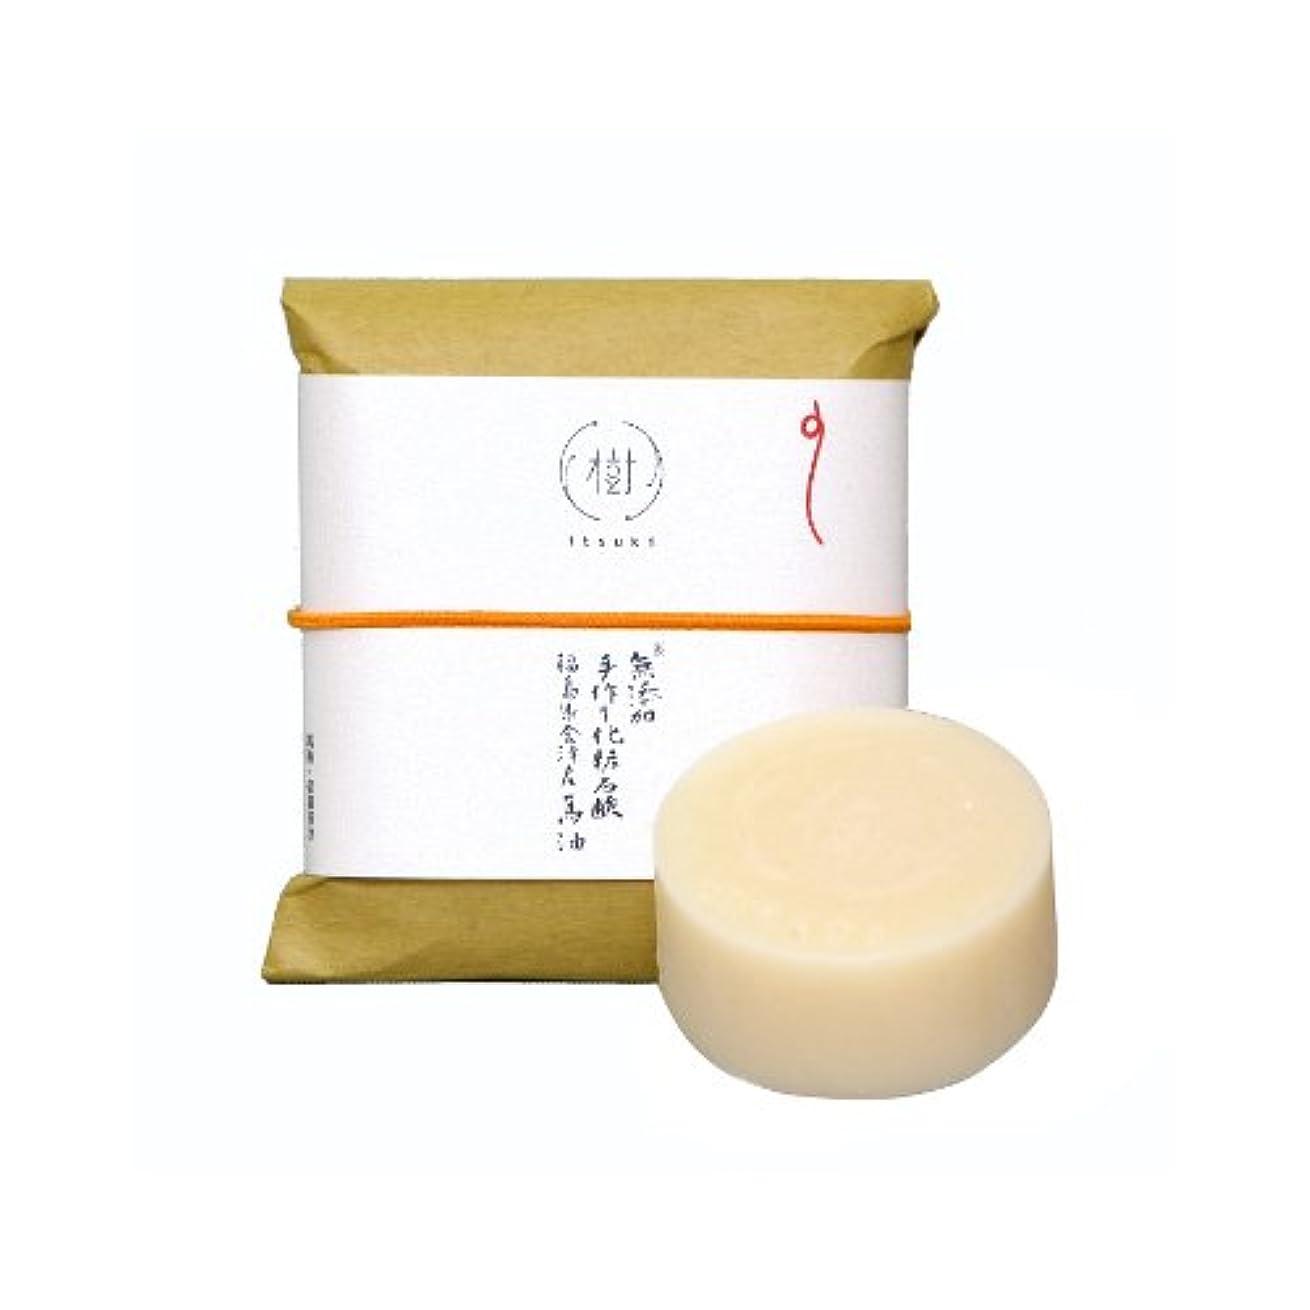 買う立派な発表する樹 無添加手作り化粧石鹸60g 福島県会津産 馬油